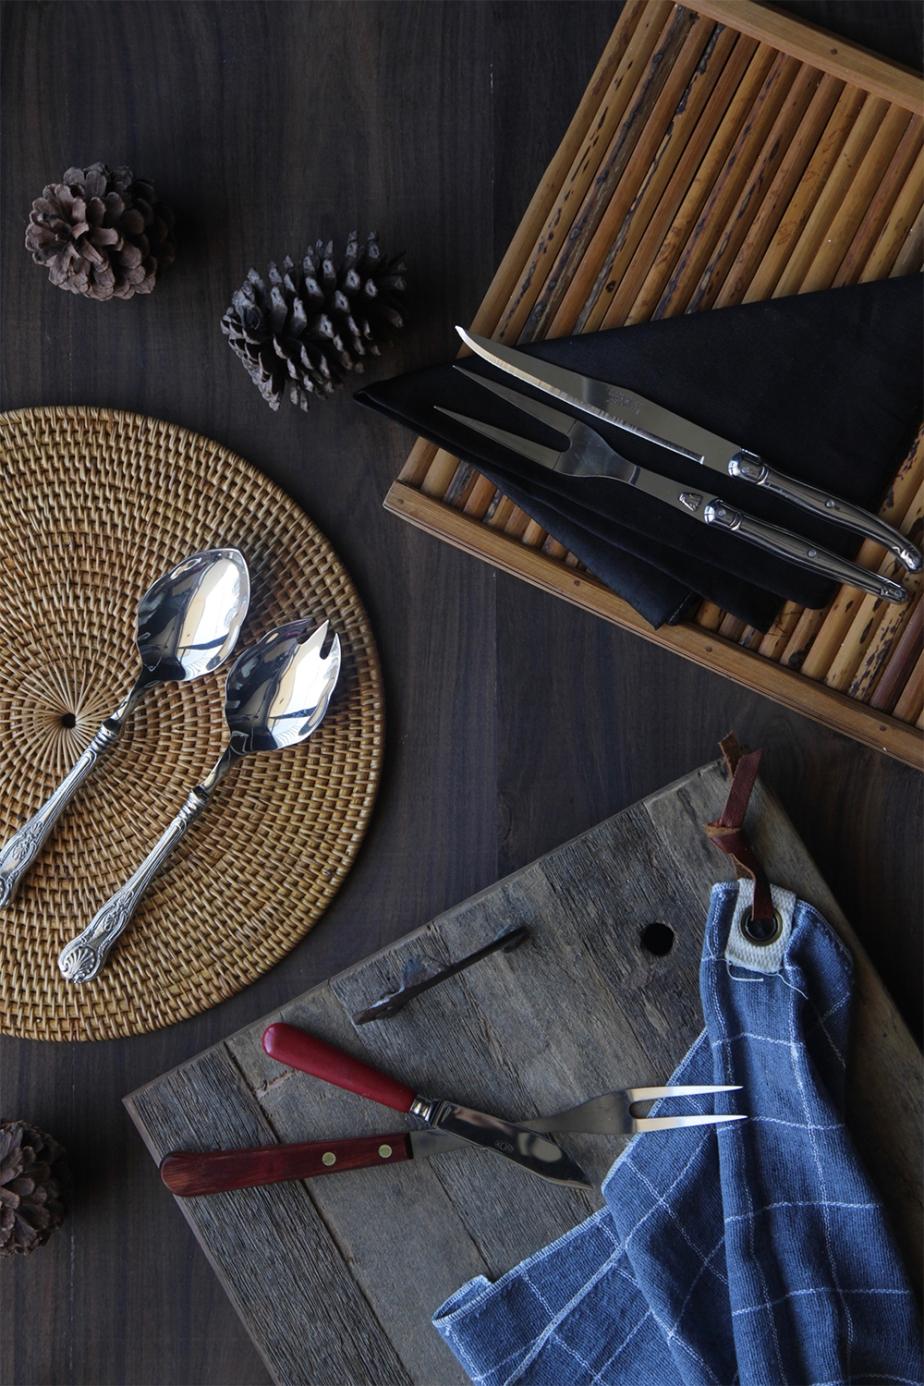 aluguel de objetos para fotografia de comida